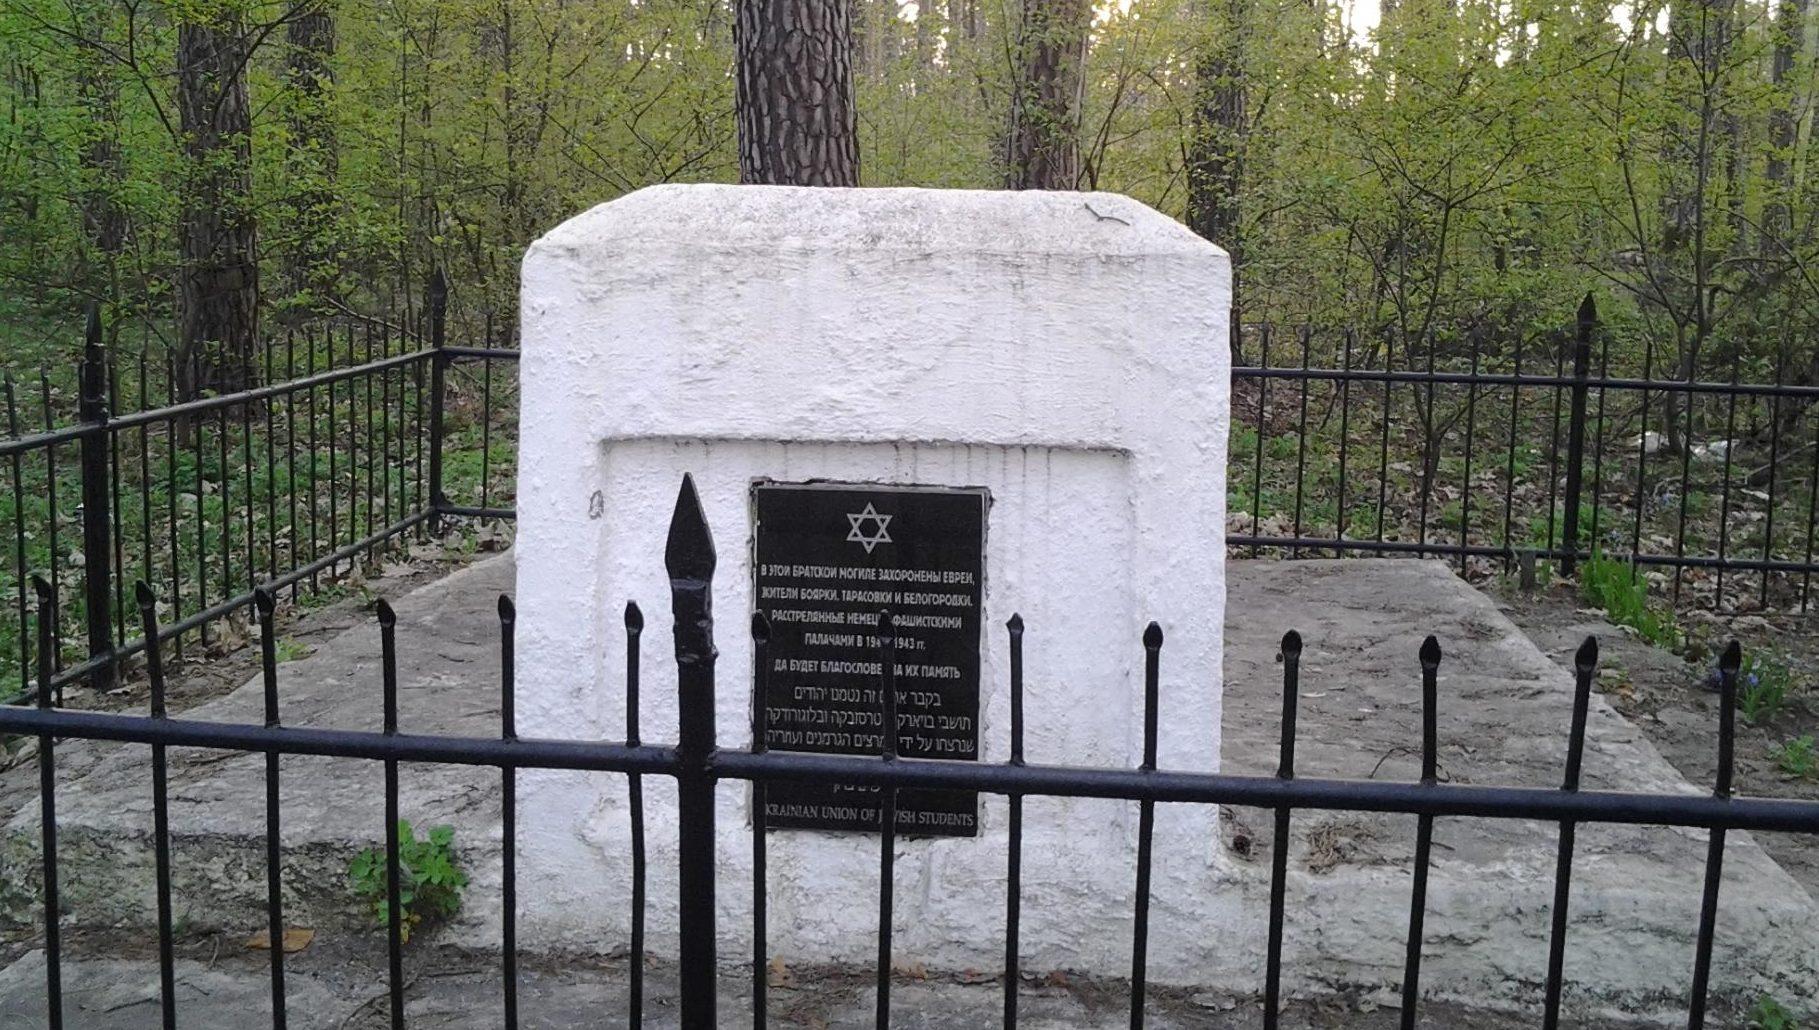 г. Боярка Киево-Святошинского р-на. Братская могила евреев - жителей Боярки и соседних населенных пунктов, расстрелянных фашистами в годы войны.